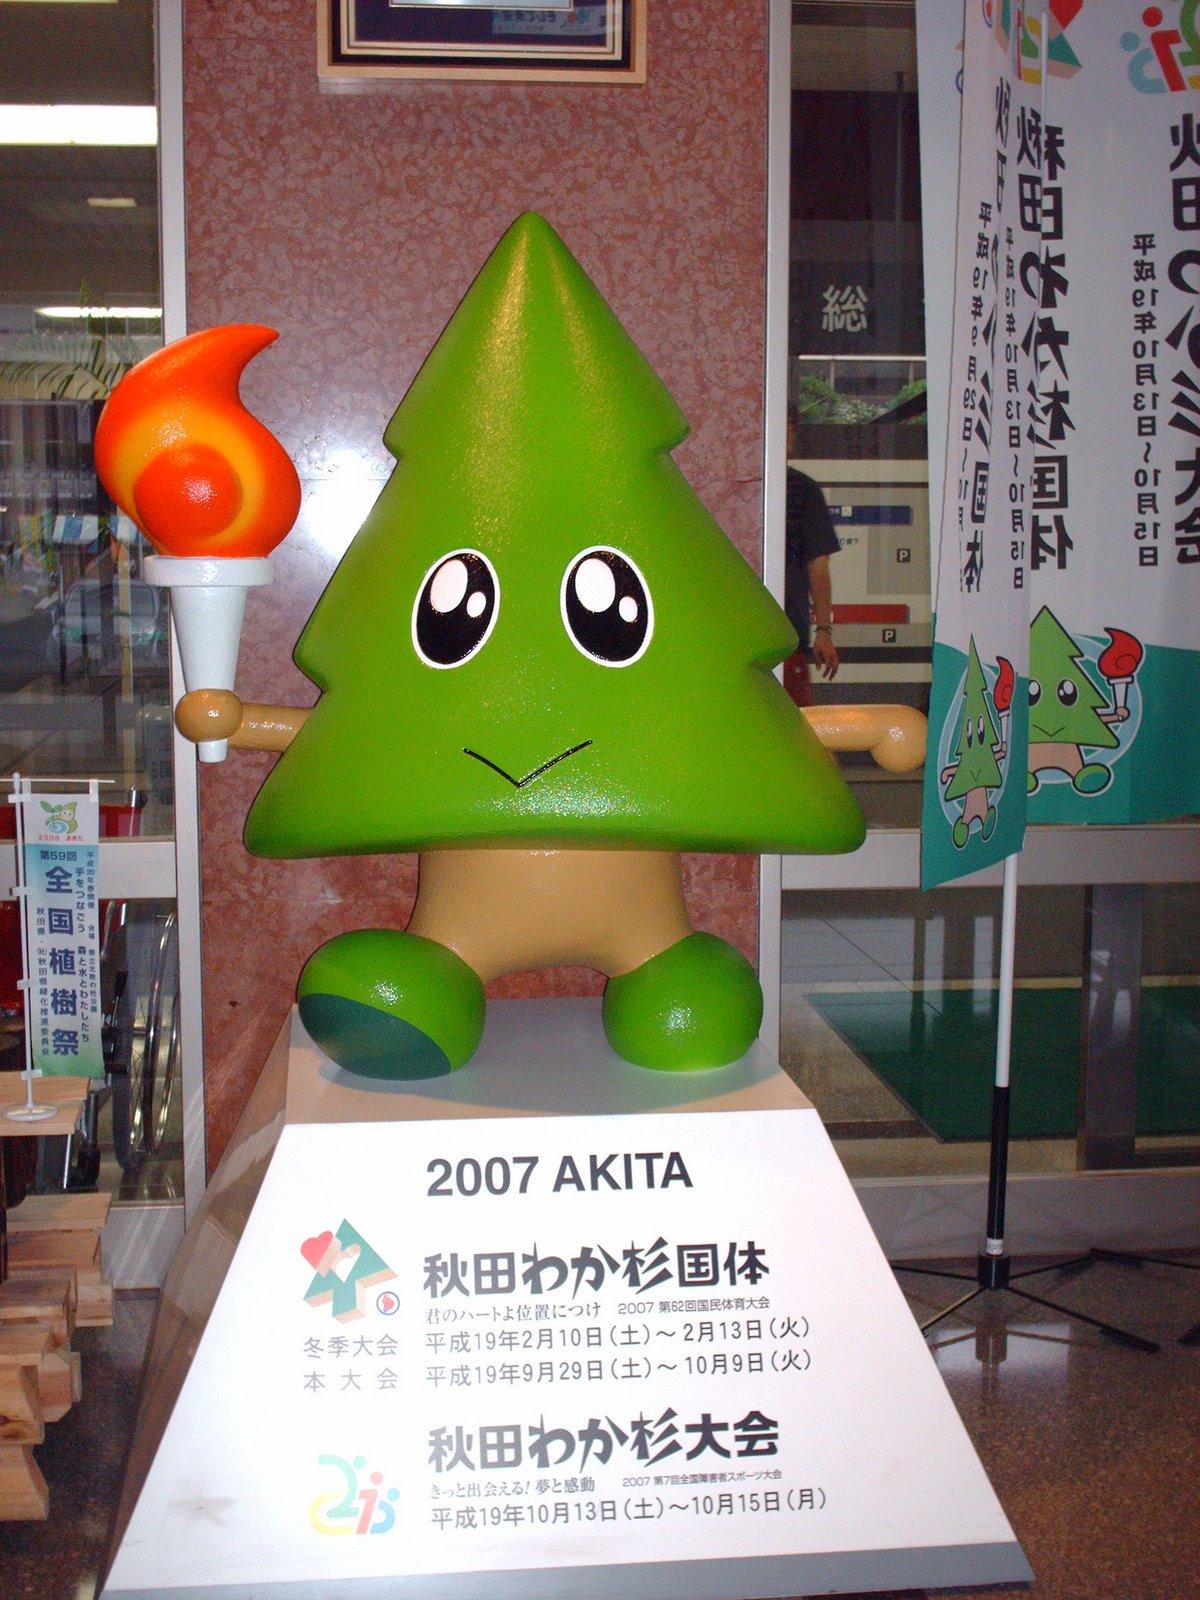 [akita+august+2007+001.jpg]